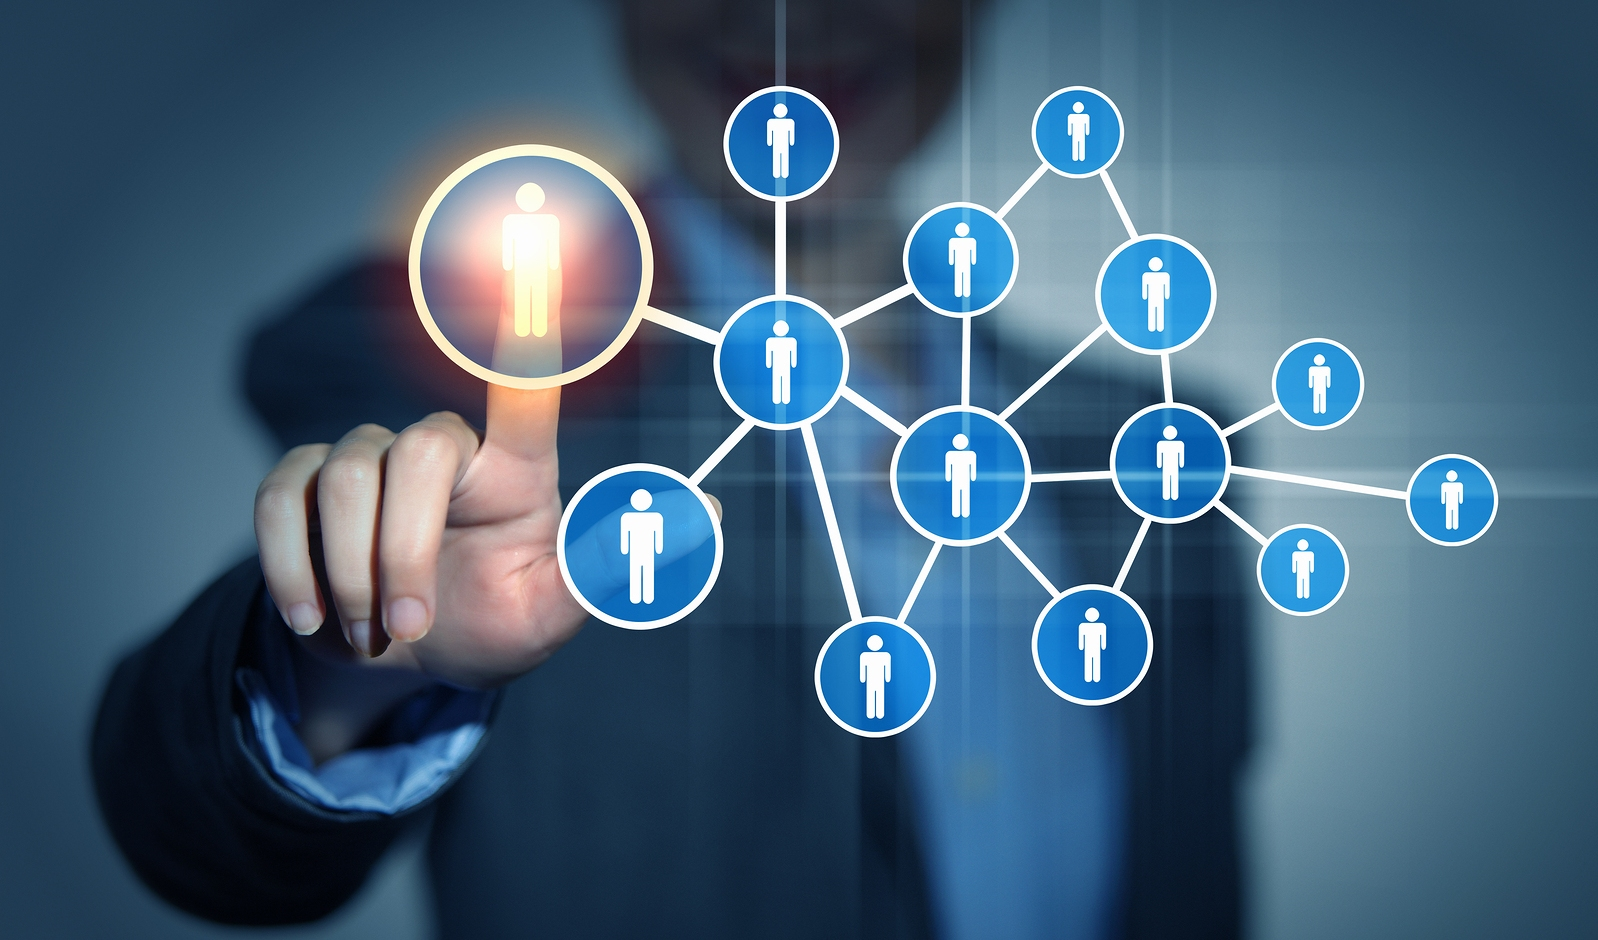 cara meningkatkan networking